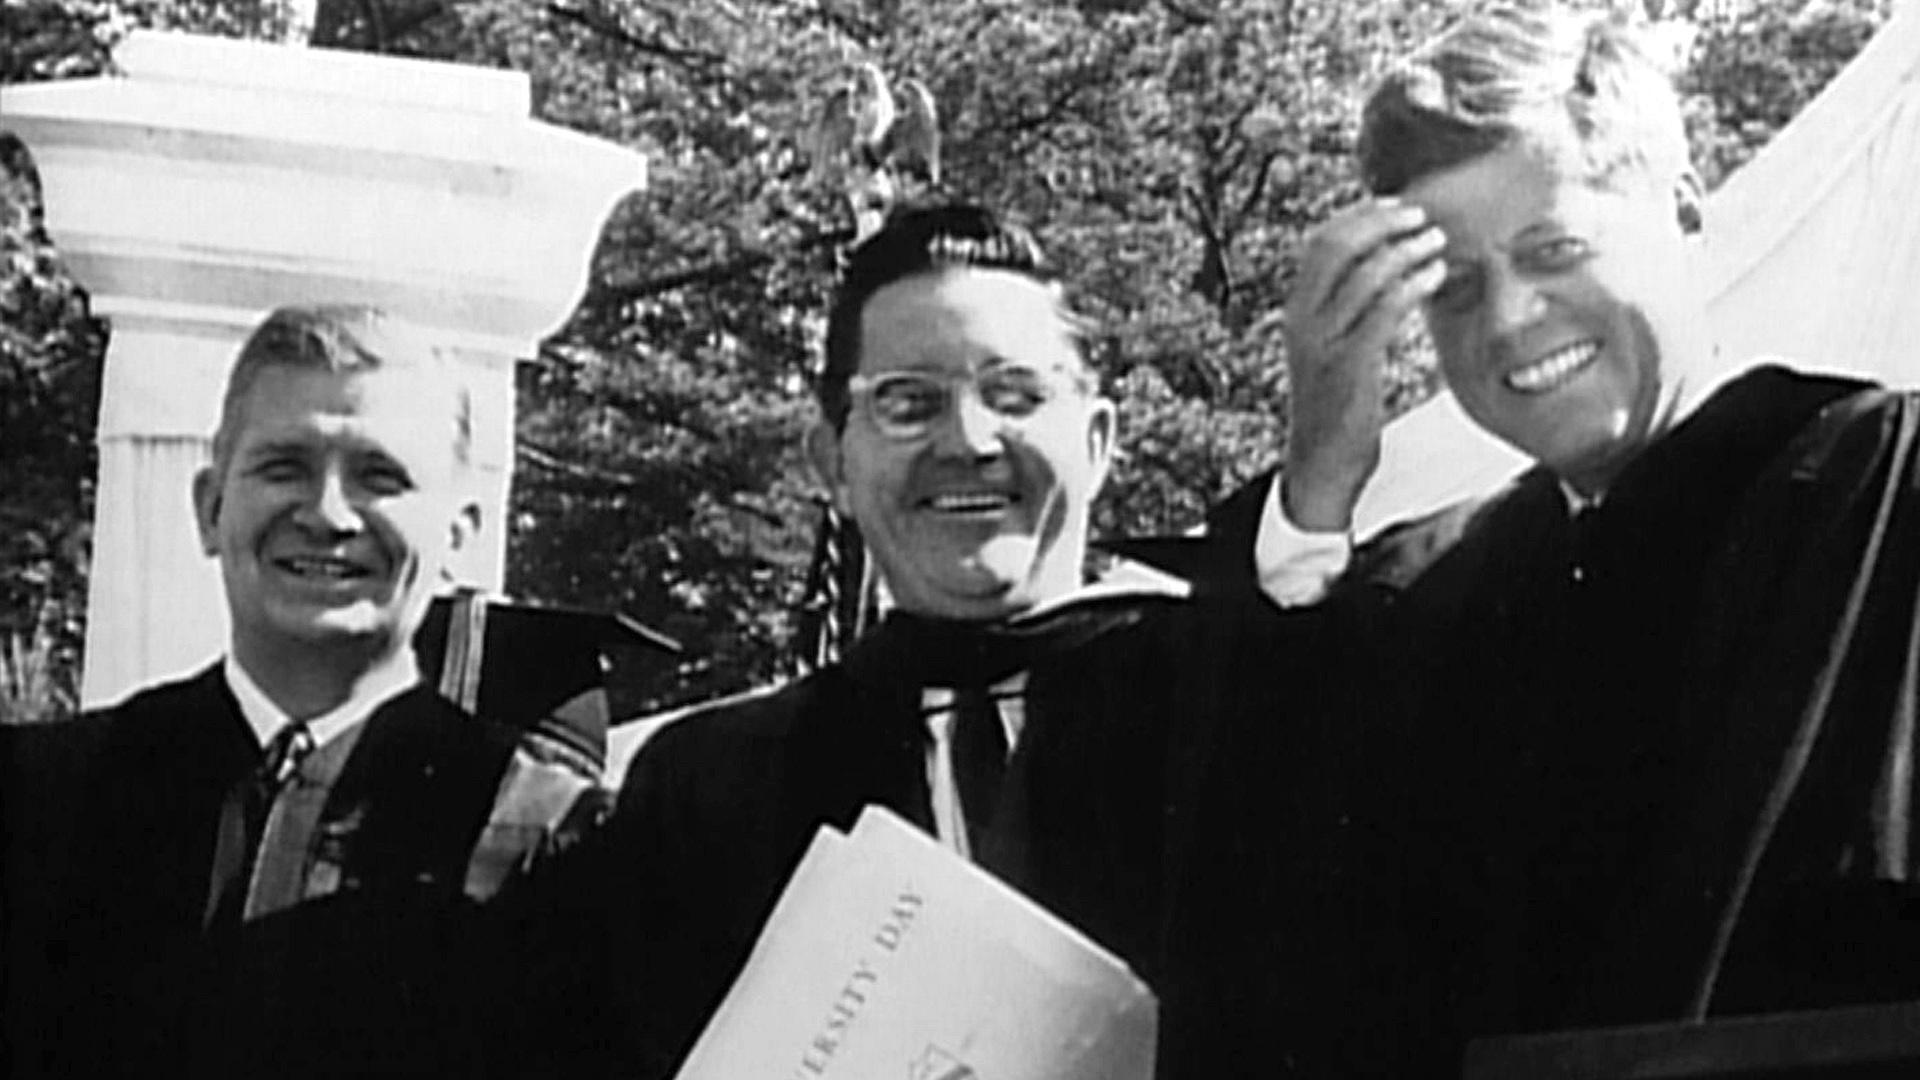 William Friday: University Life image